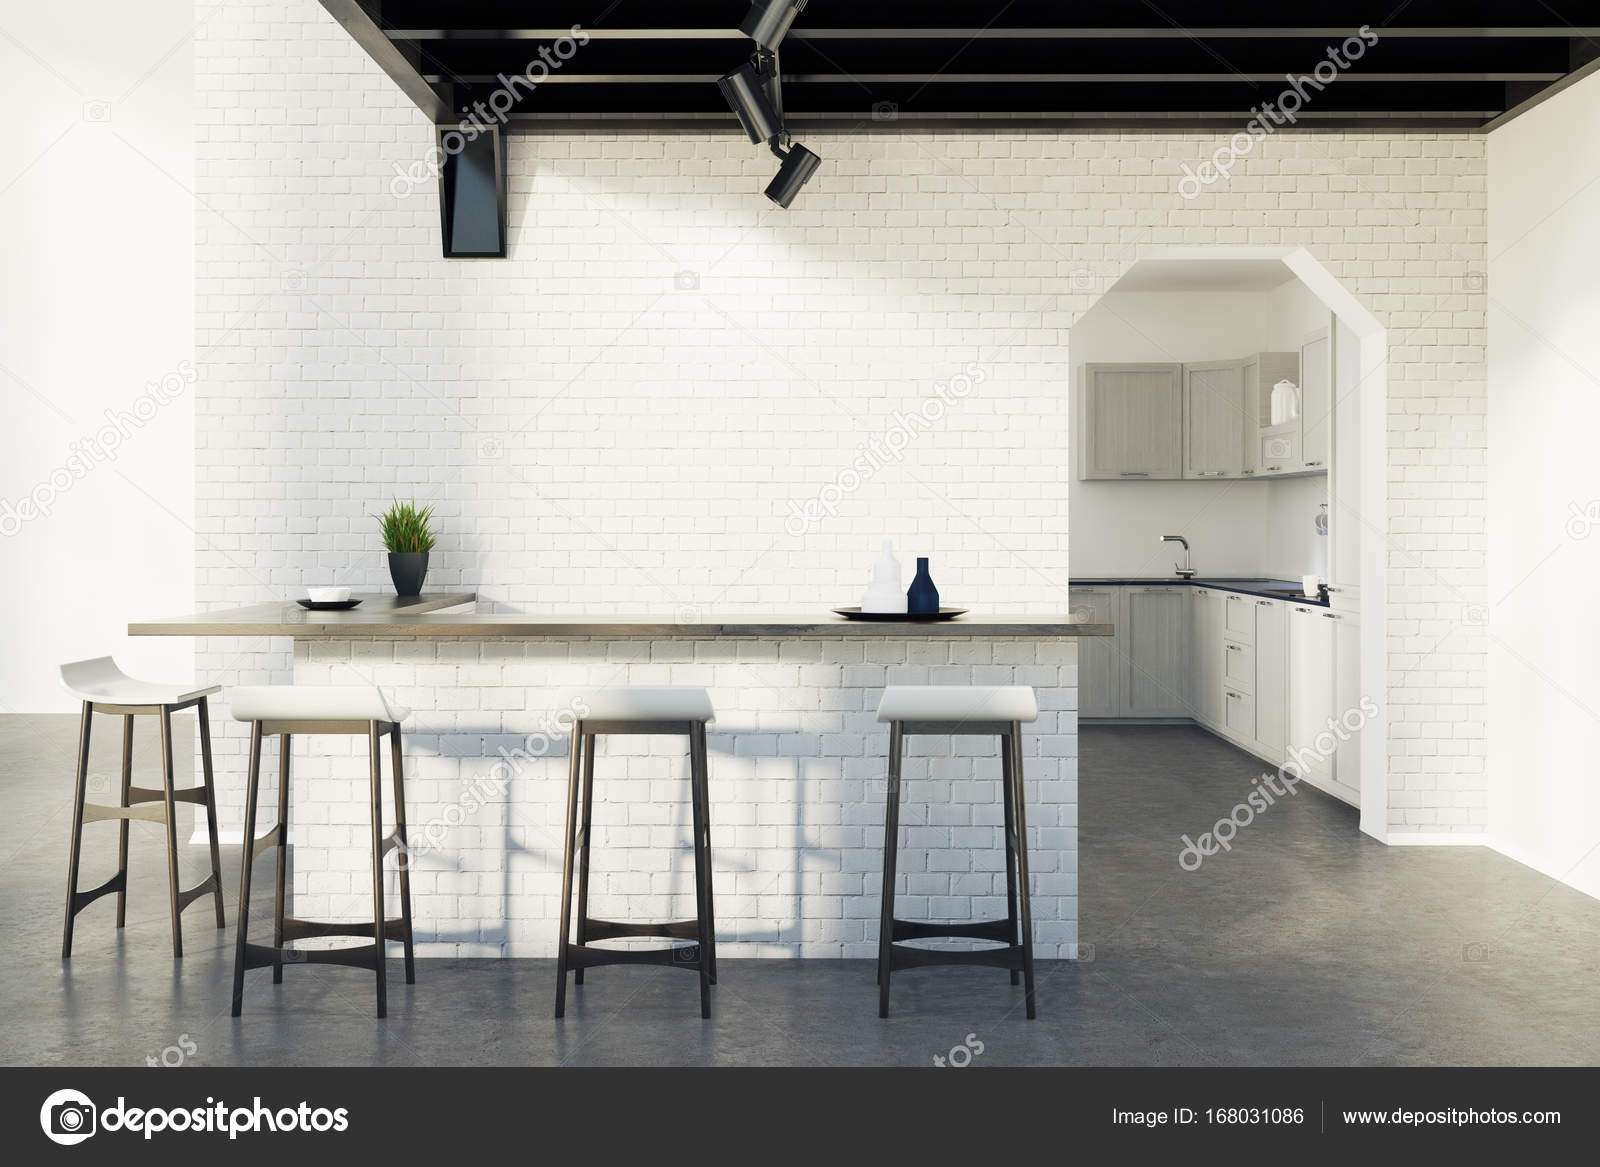 Mattone cucina bar sgabelli e una porta grigia u foto stock